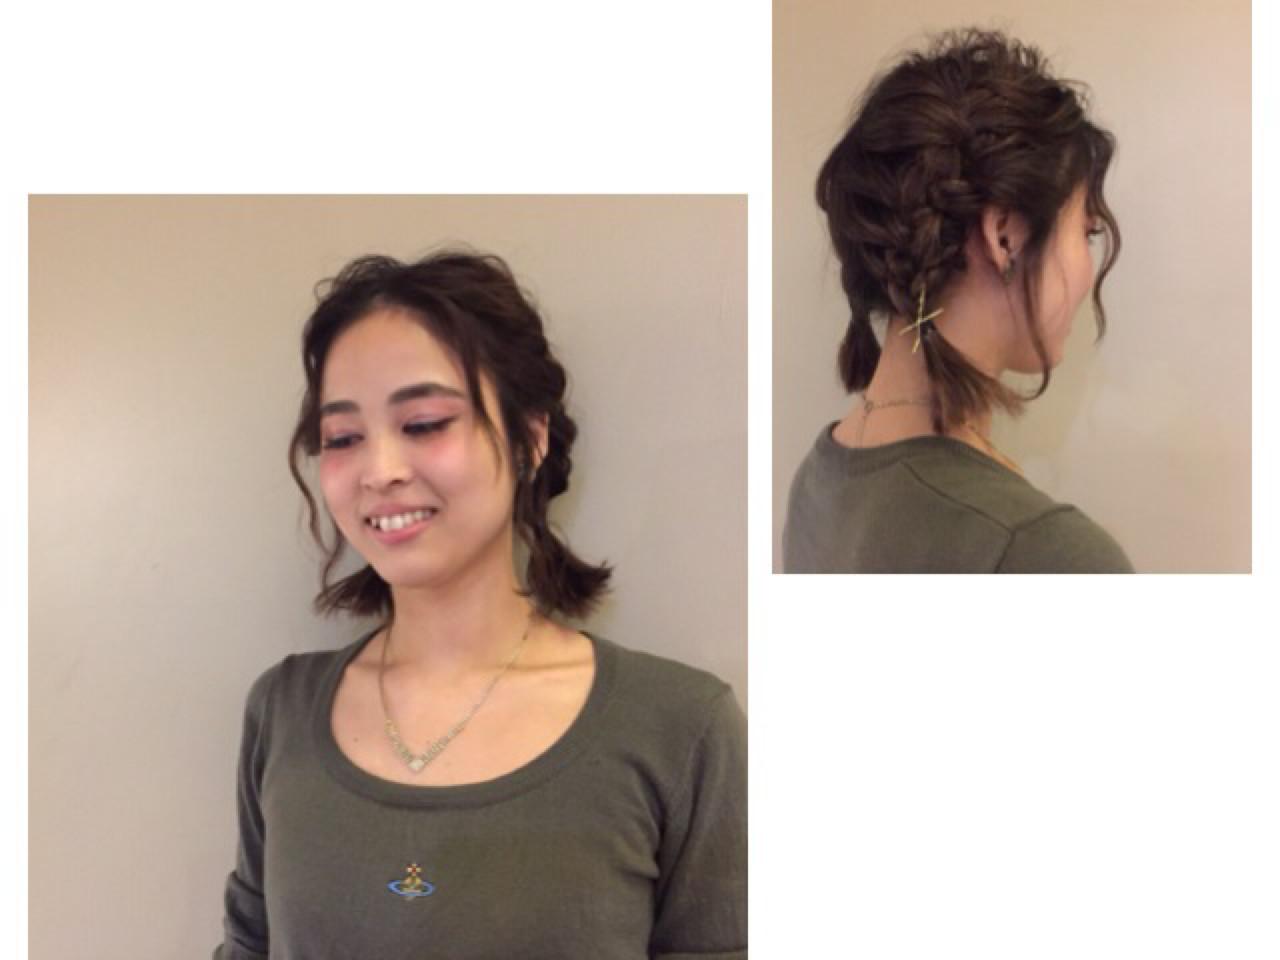 三つ編みおさげのボブのカジュアルアレンジ 杉田 麻美